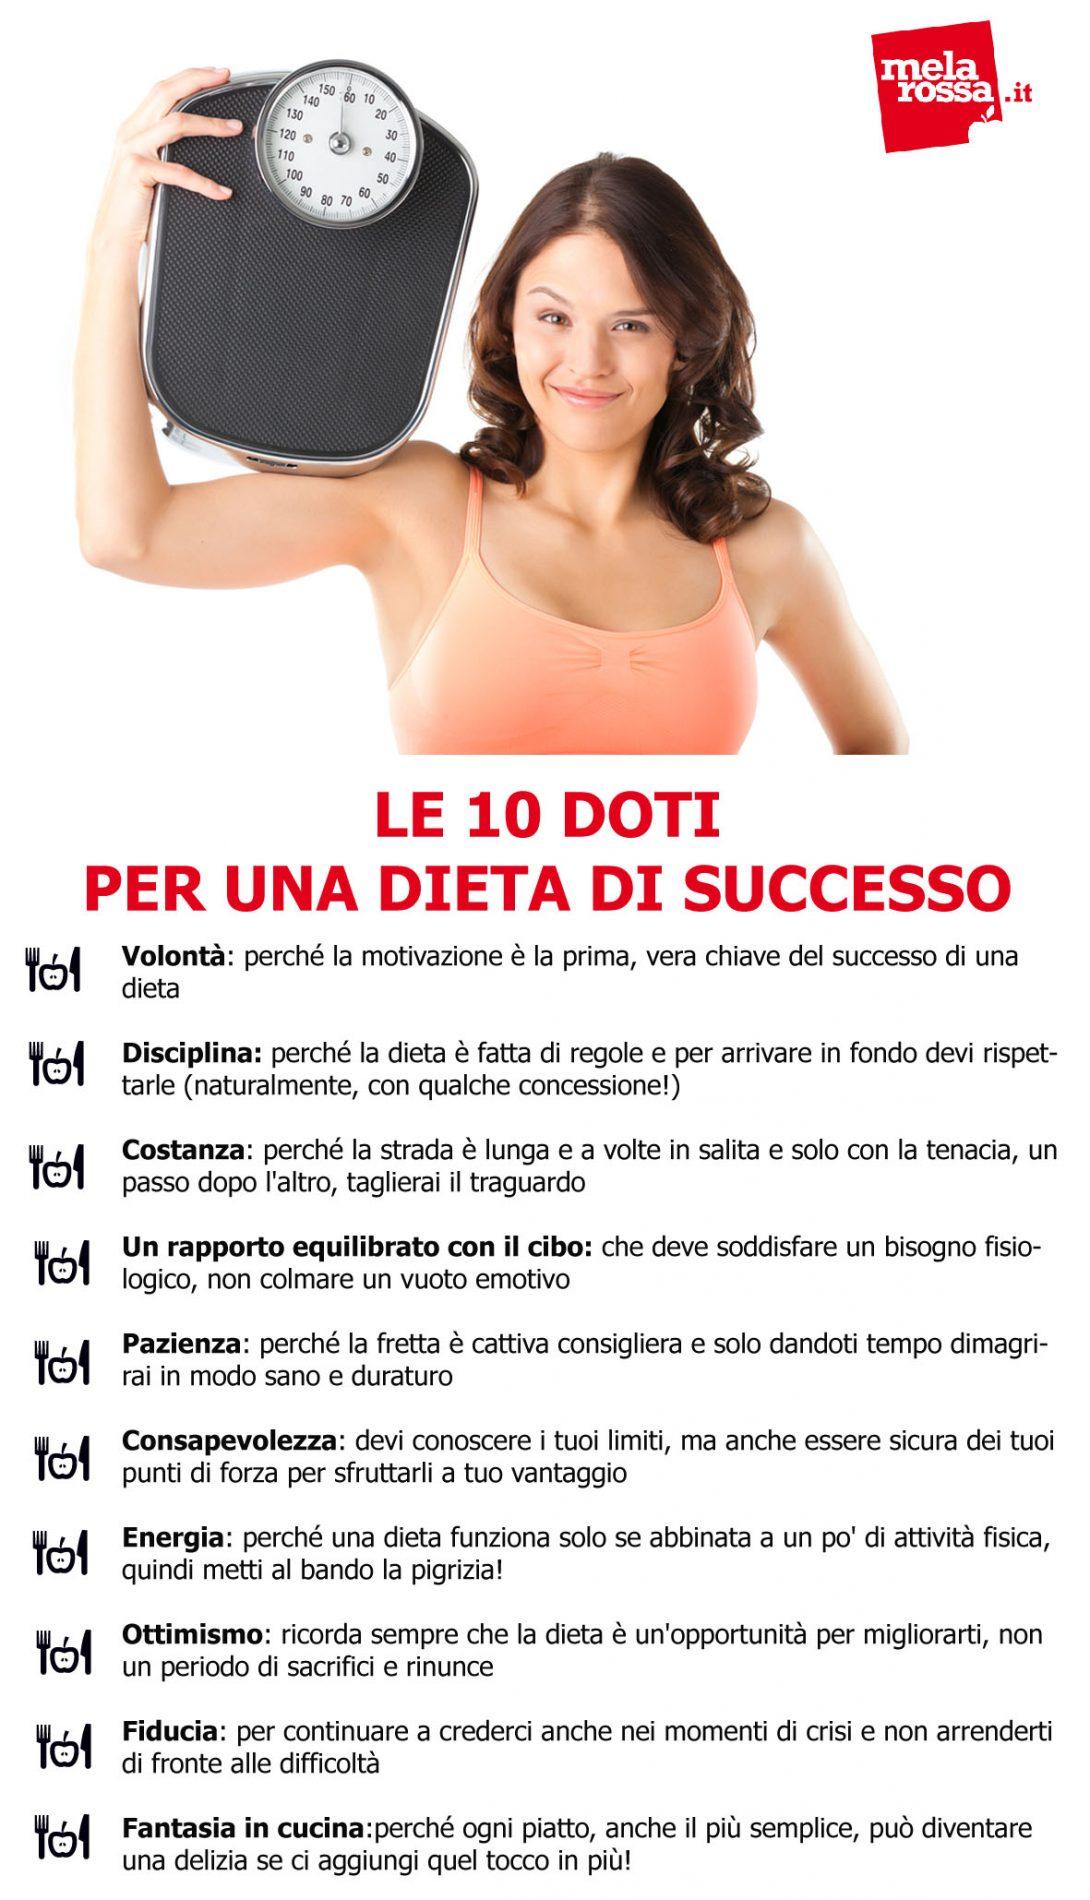 tabella 10 doti per successo dieta